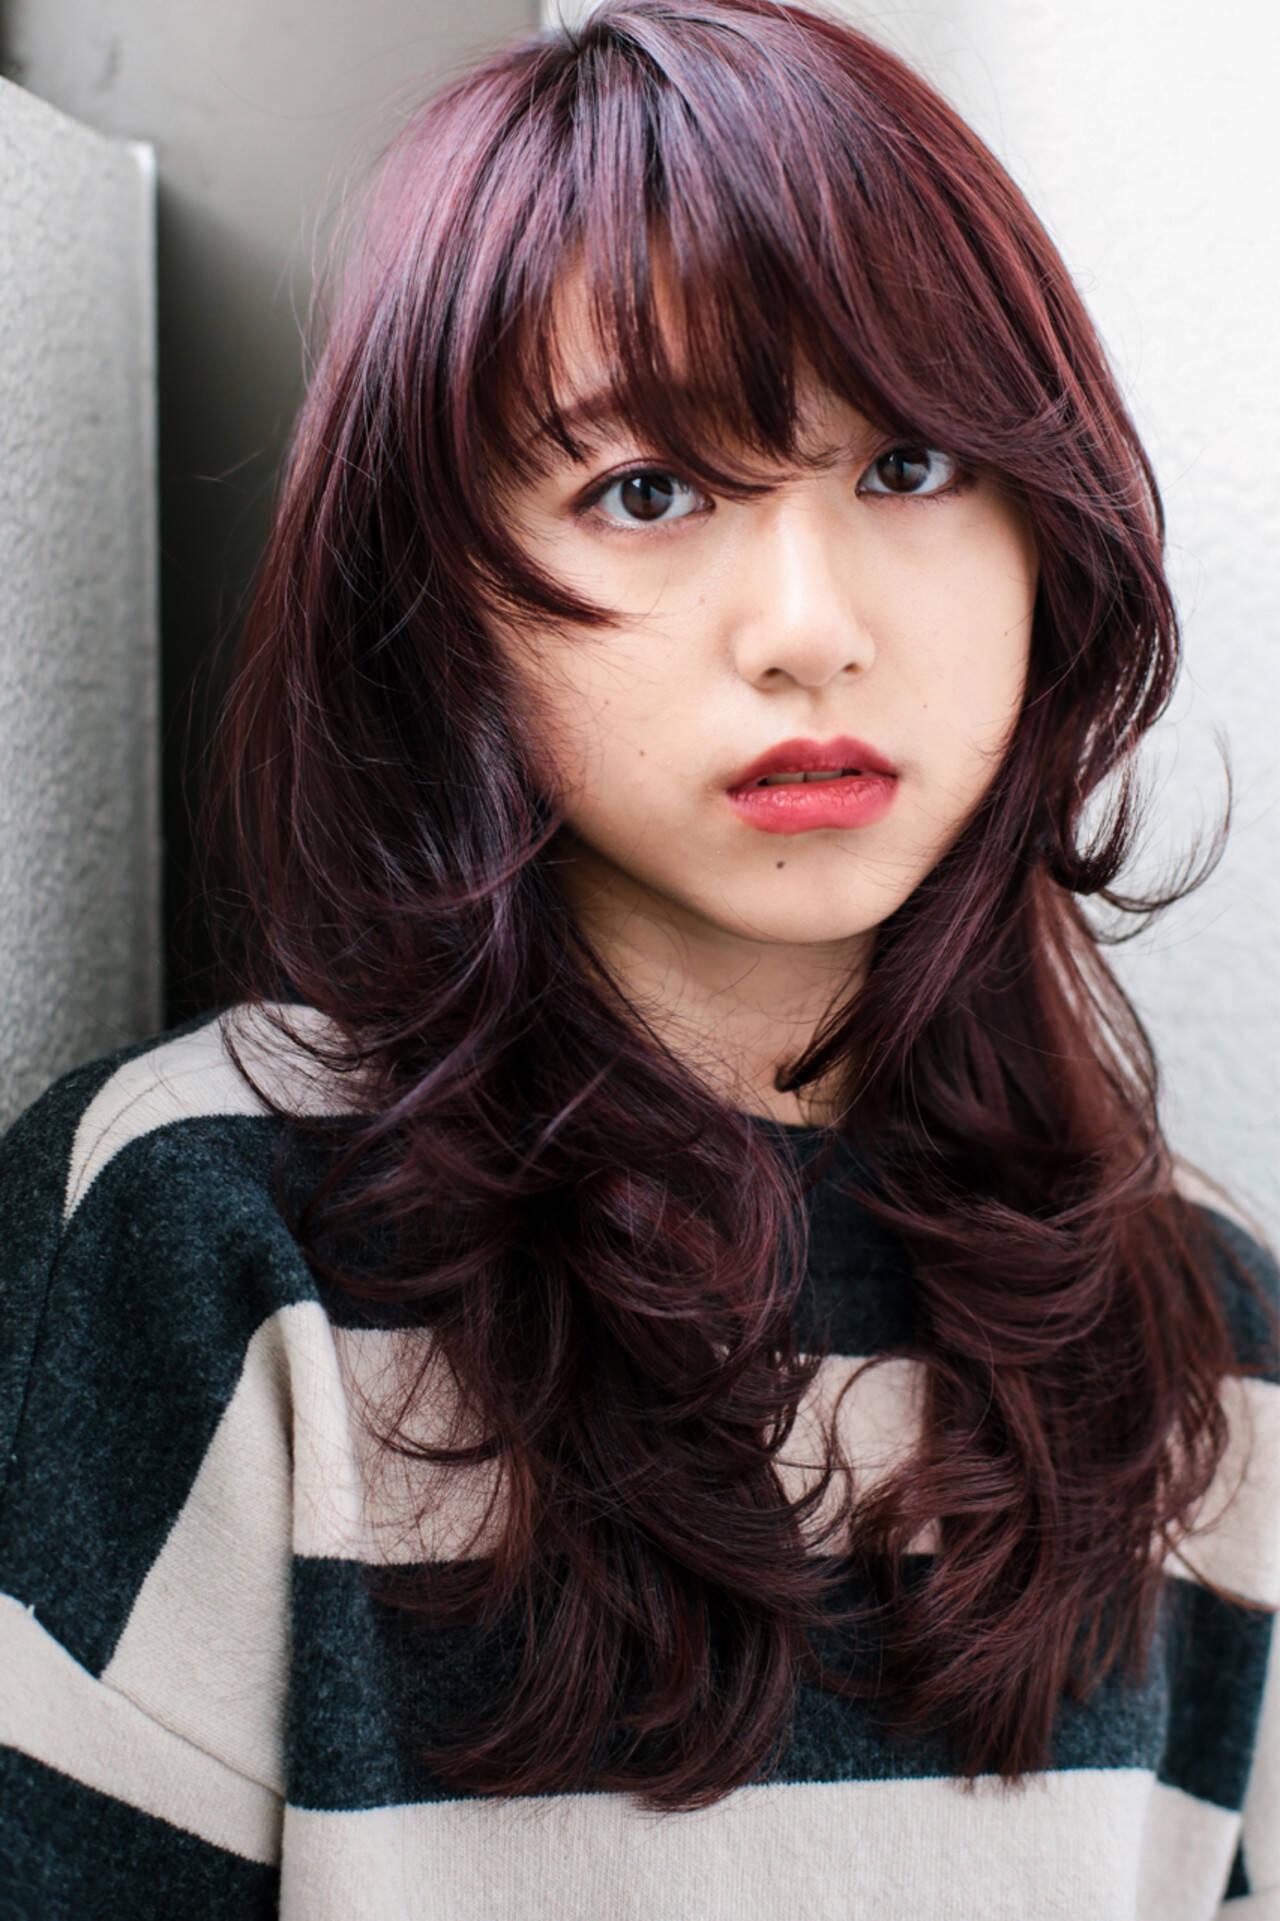 ウルフカット 大人女子 小顔 ロングヘアスタイルや髪型の写真・画像